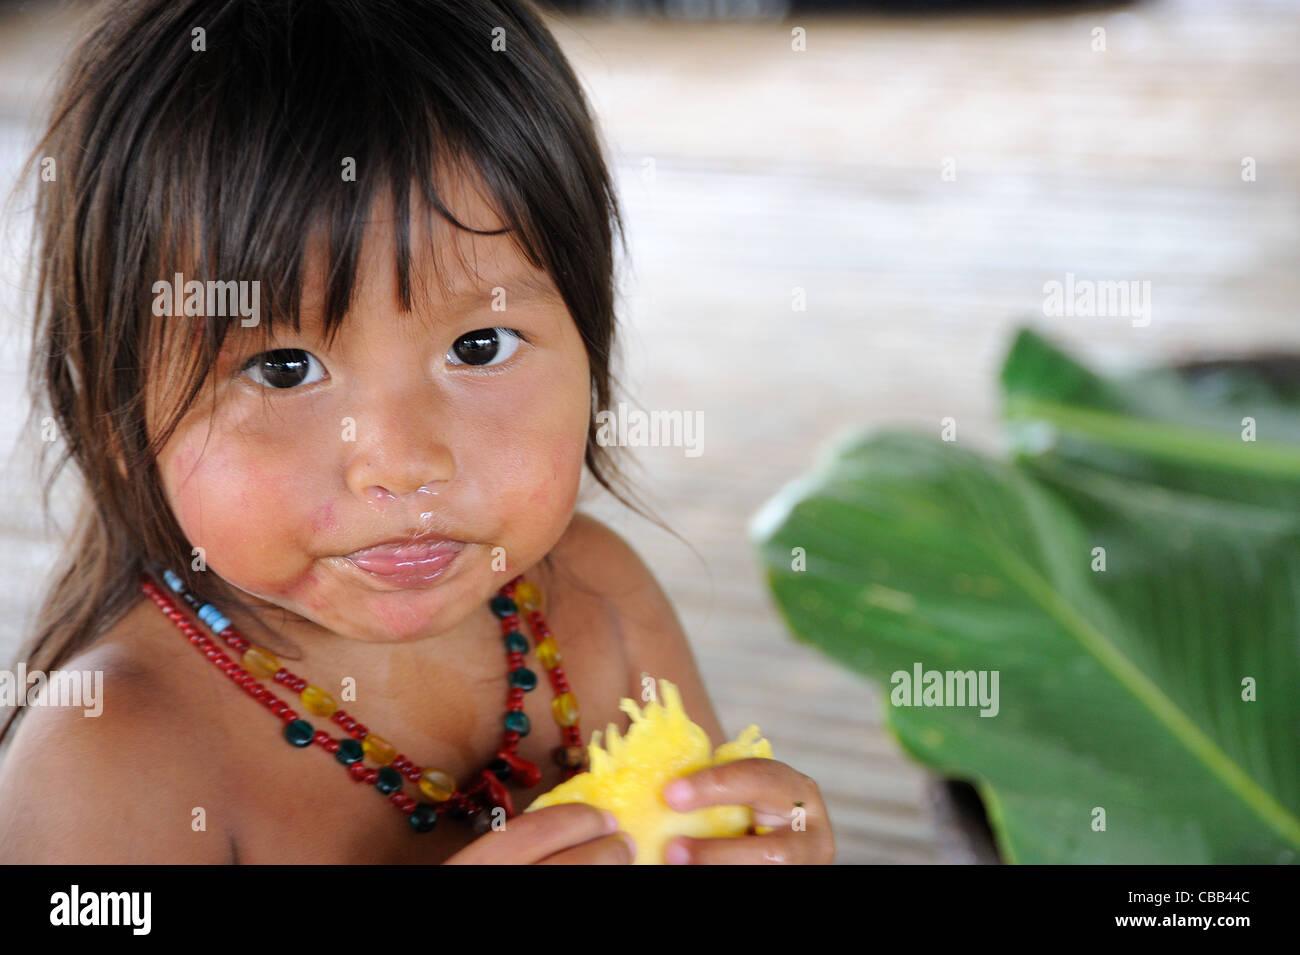 Niña indígena Embera comiendo piña y soltando el moco en la comunidad indígena Embera Puru, Panamá Foto de stock